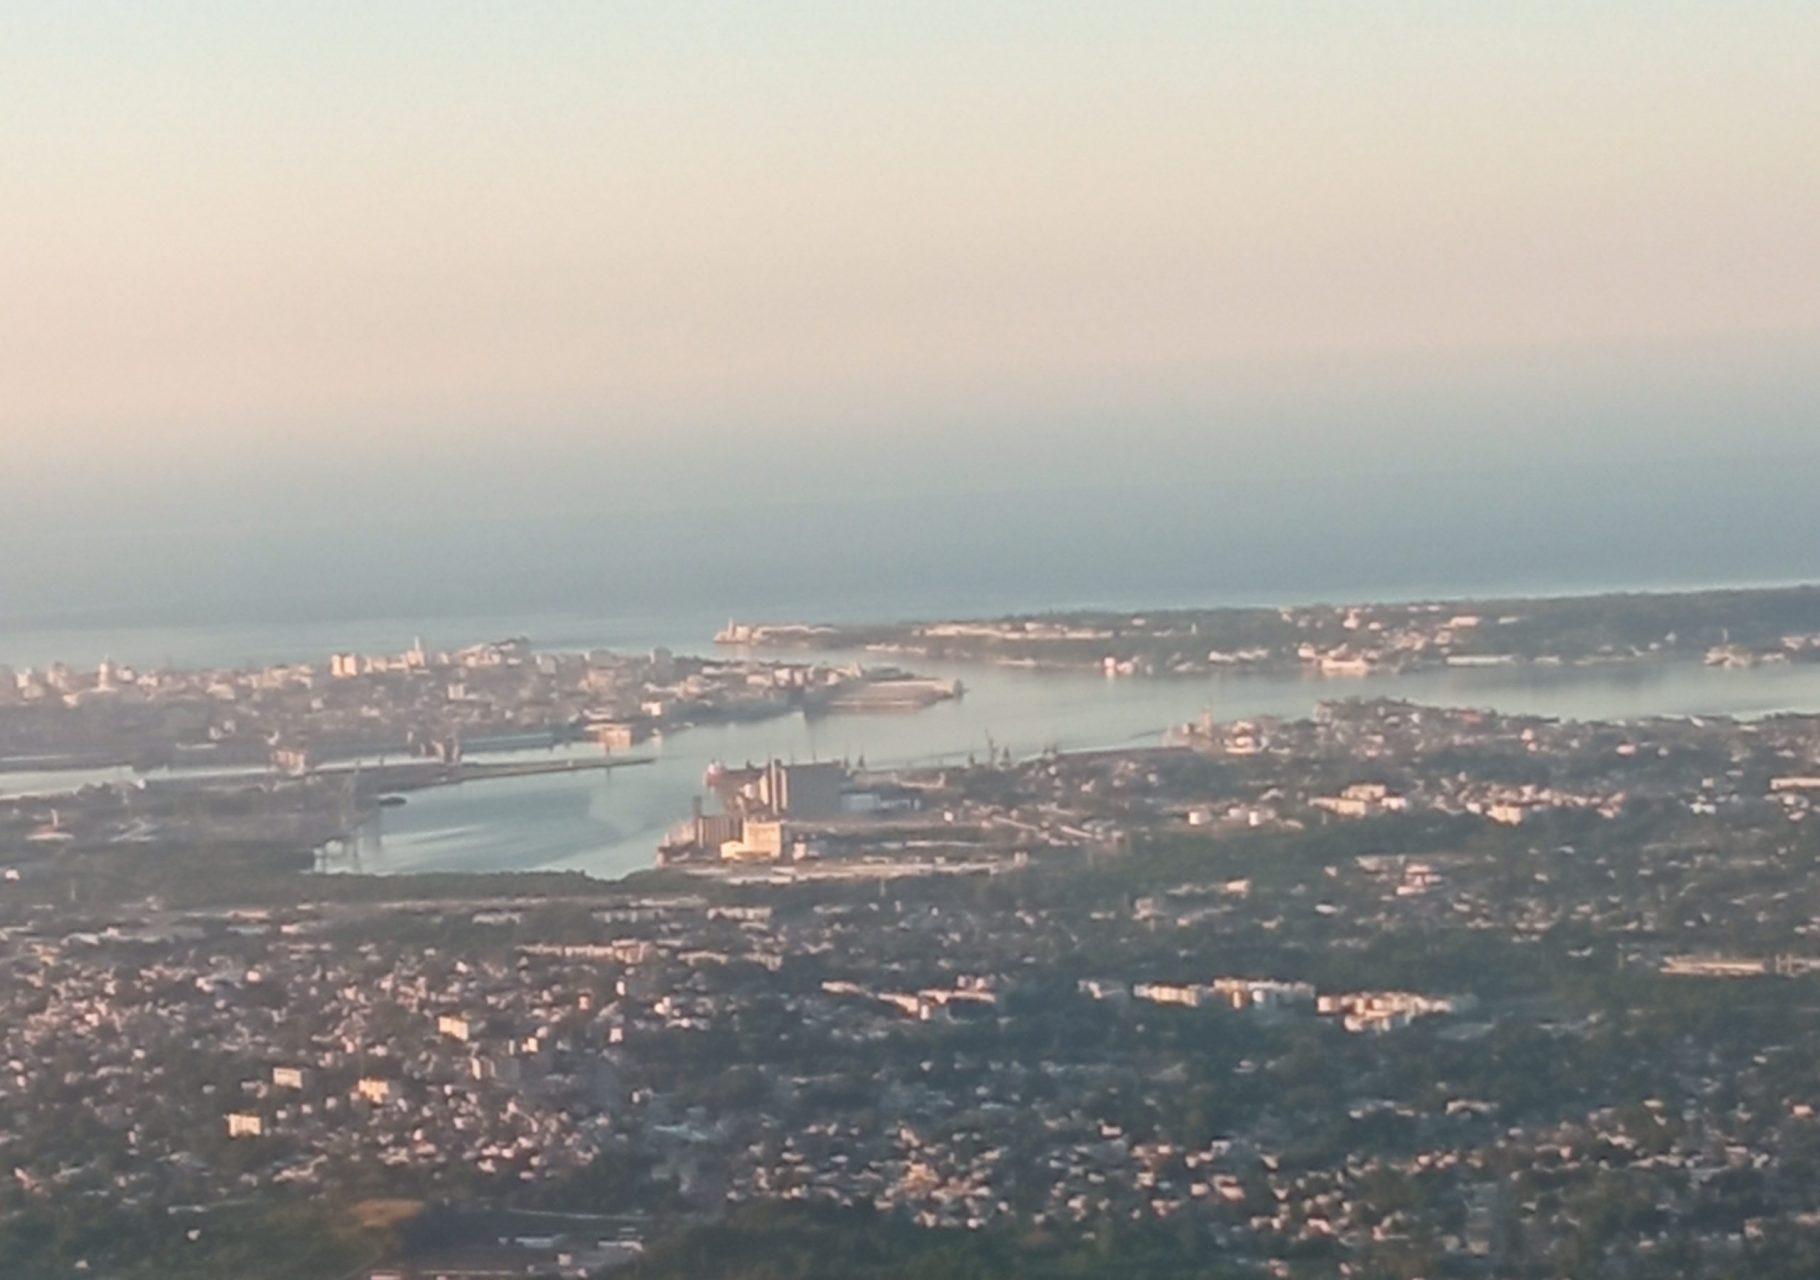 Vista aérea de la bahía de La Habana